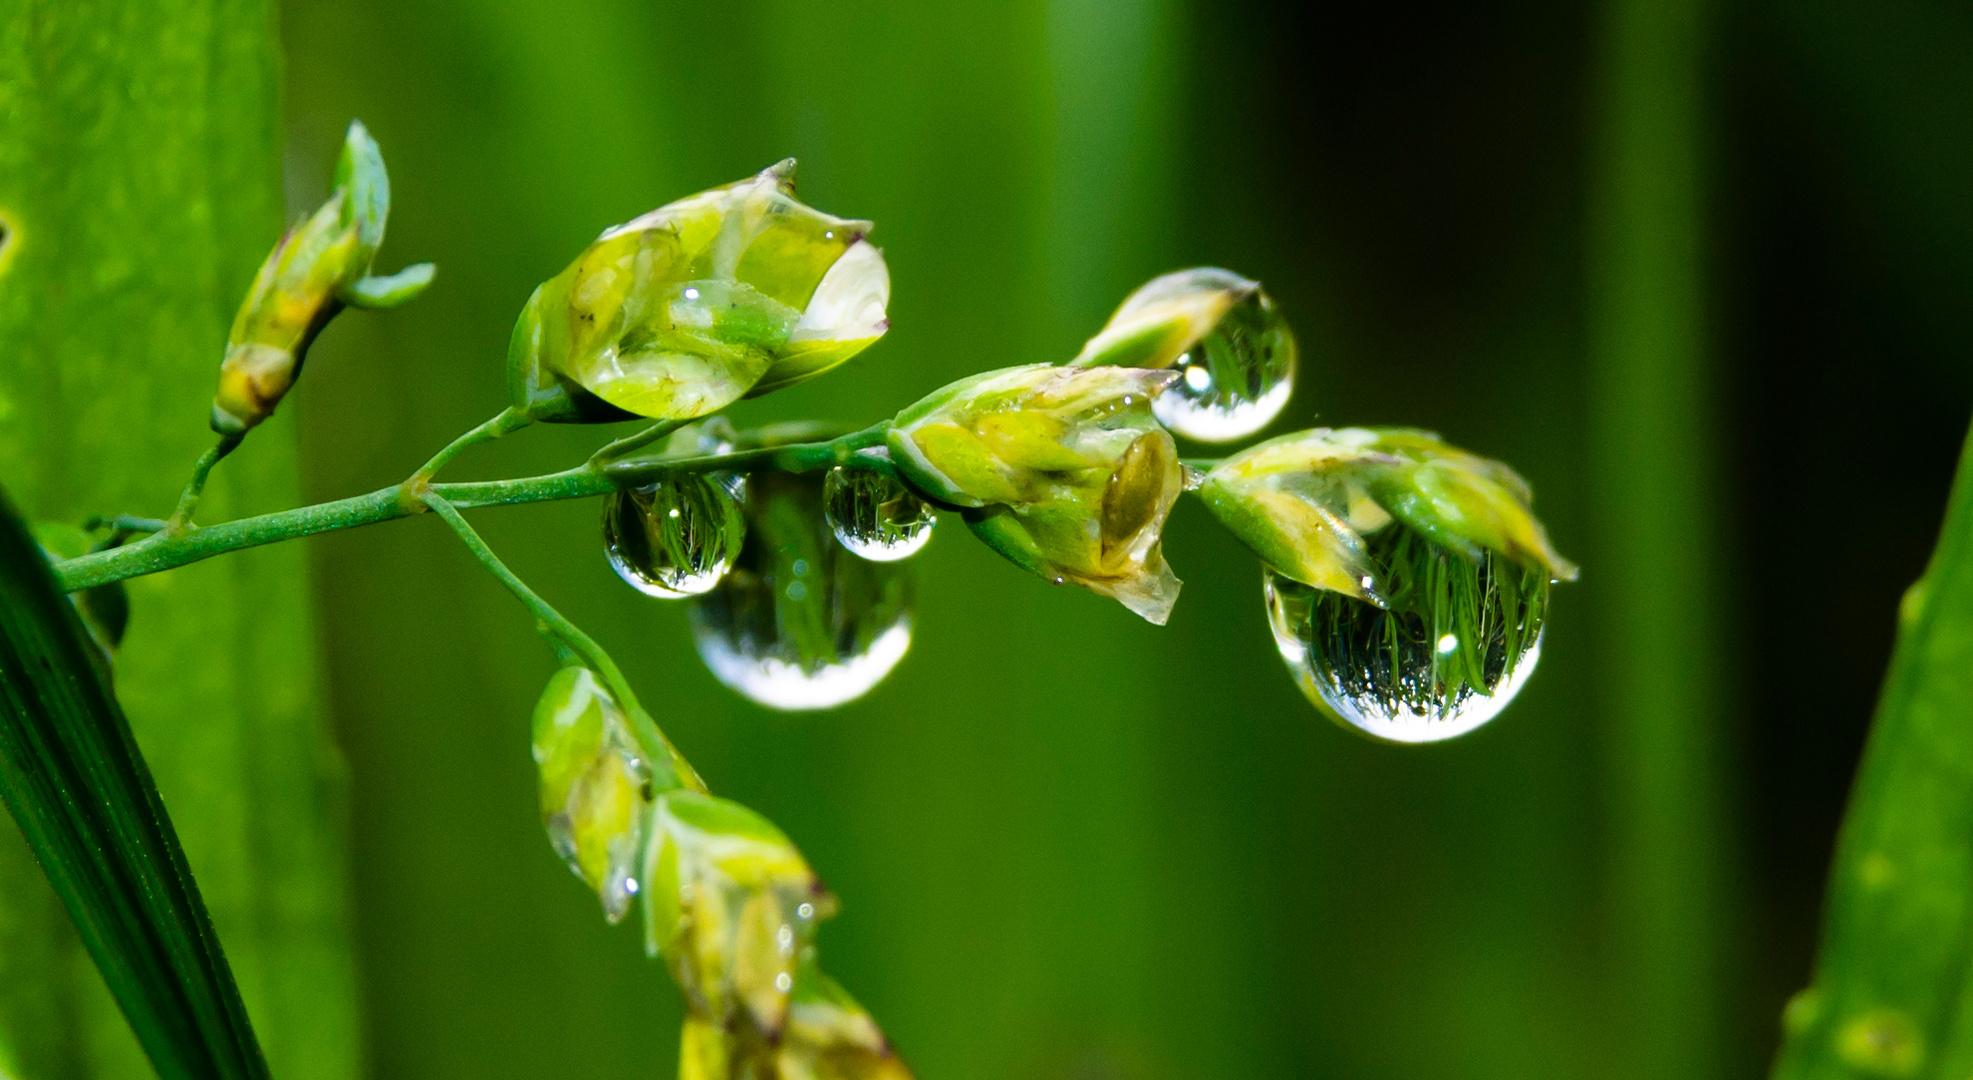 Gräser im Spiegel der Natur